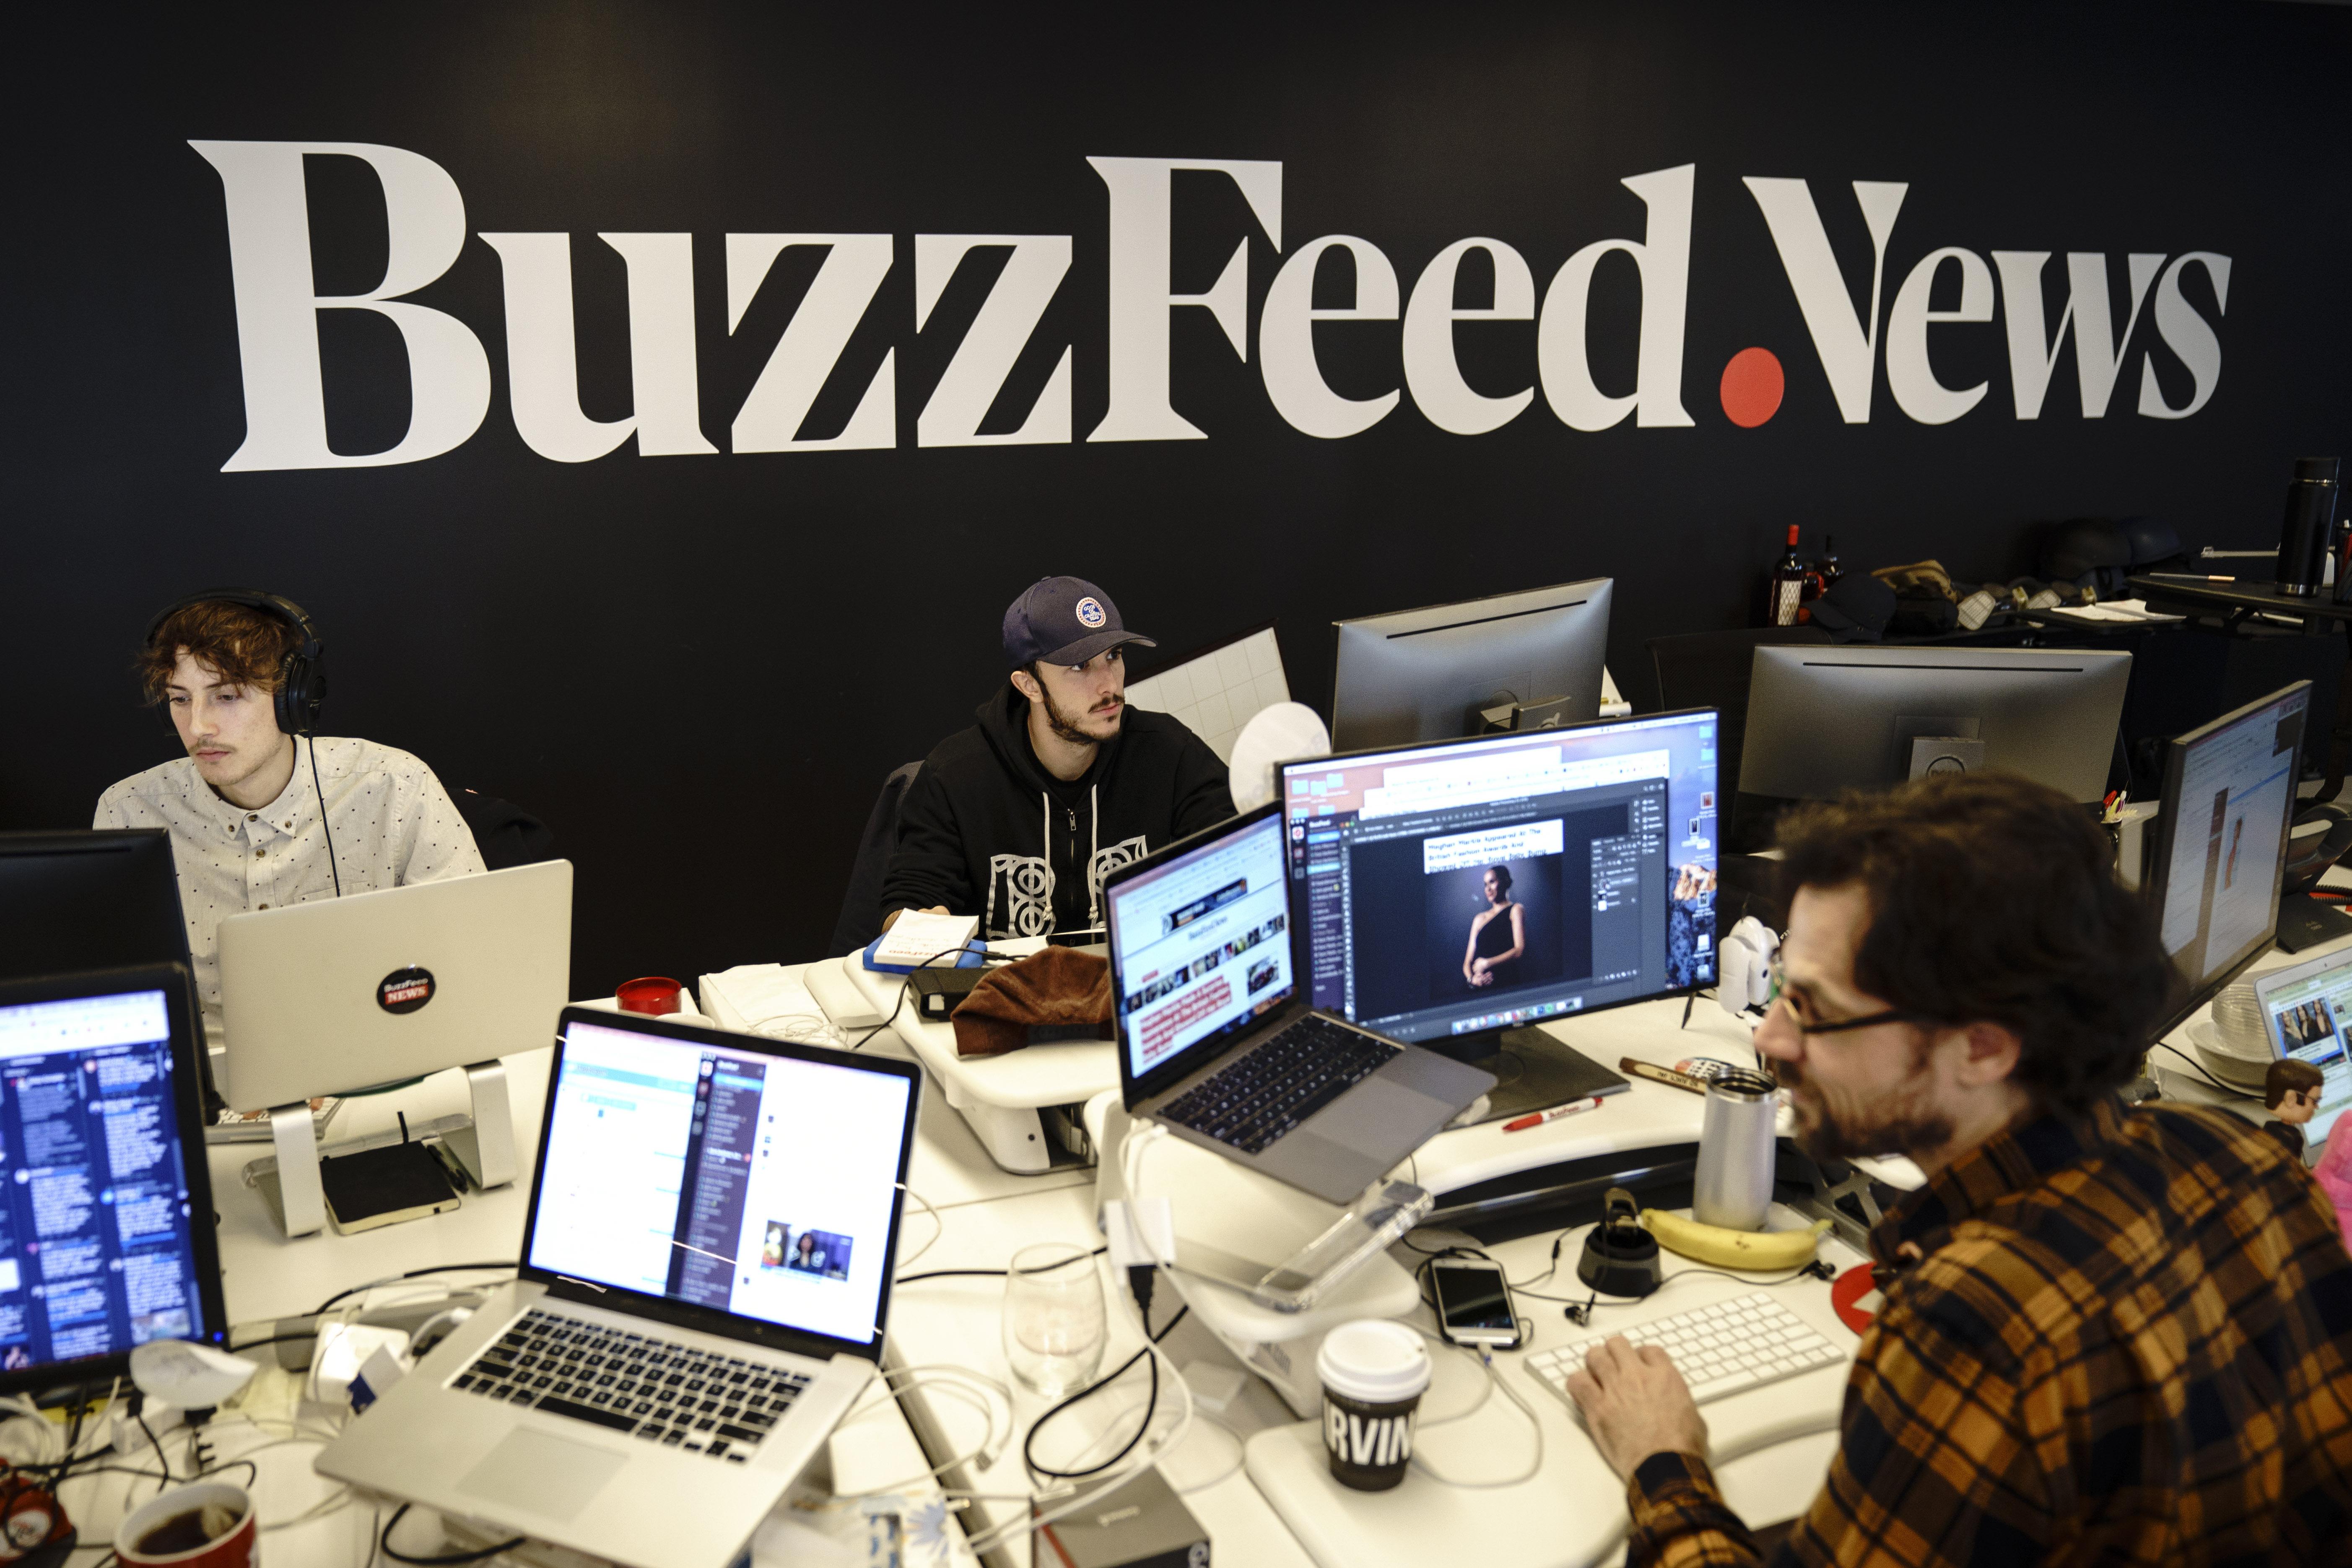 Eljött a vérfürdő ideje az online médiában